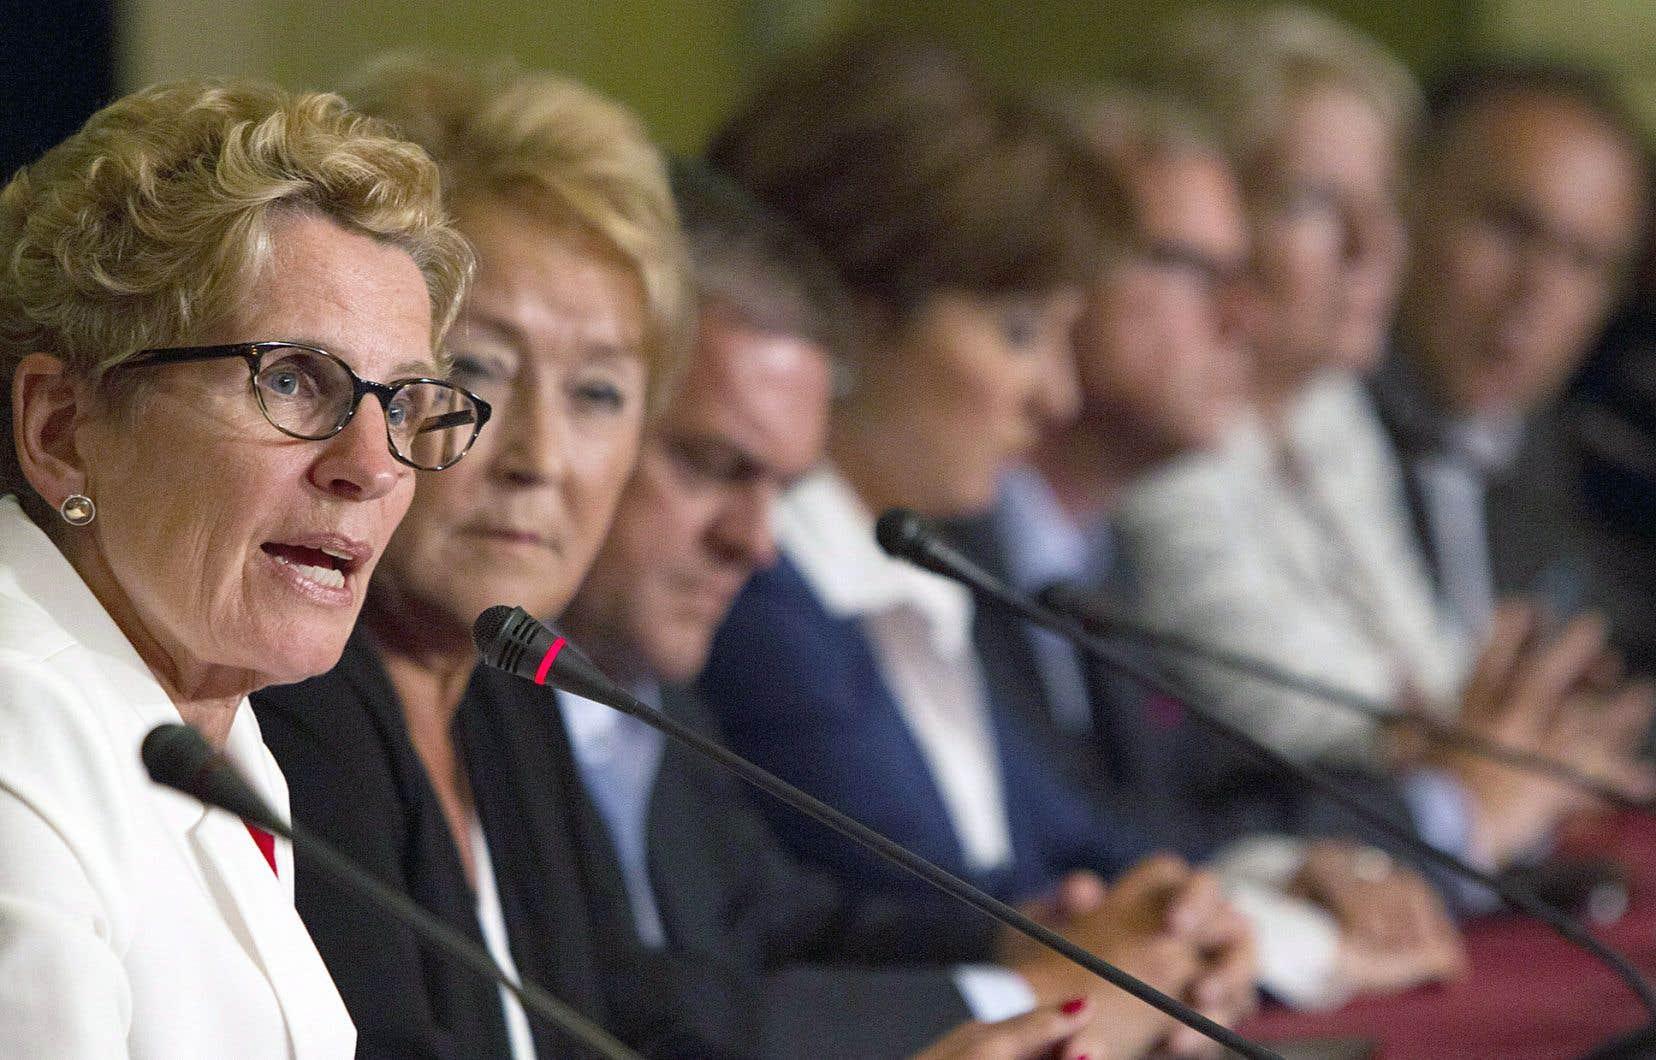 Sur cette photo prise en juillet 2013 lors d'un Conseil de la fédération, on aperçoit les premières ministres Kathleen Wynne (Ontario), Pauline Marois (Québec), Christy Clark (Colombie-Britannique) et Kathy Dunderdale (Terre-Neuve-et-Labrador).